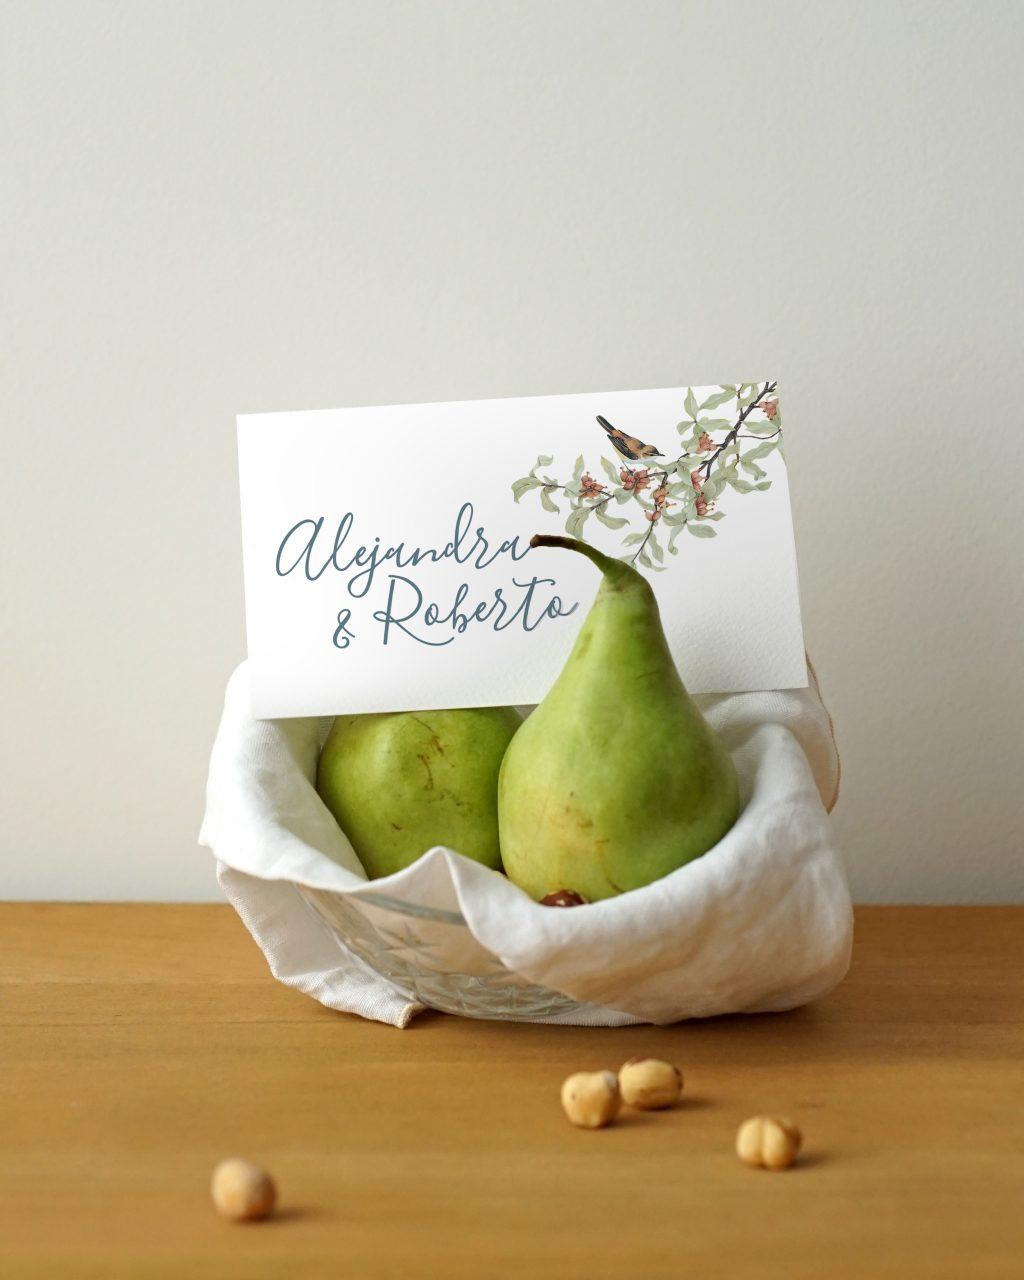 Invitaciones de boda Something Cute 8 - Invitaciones Inspiradas en la Naturaleza